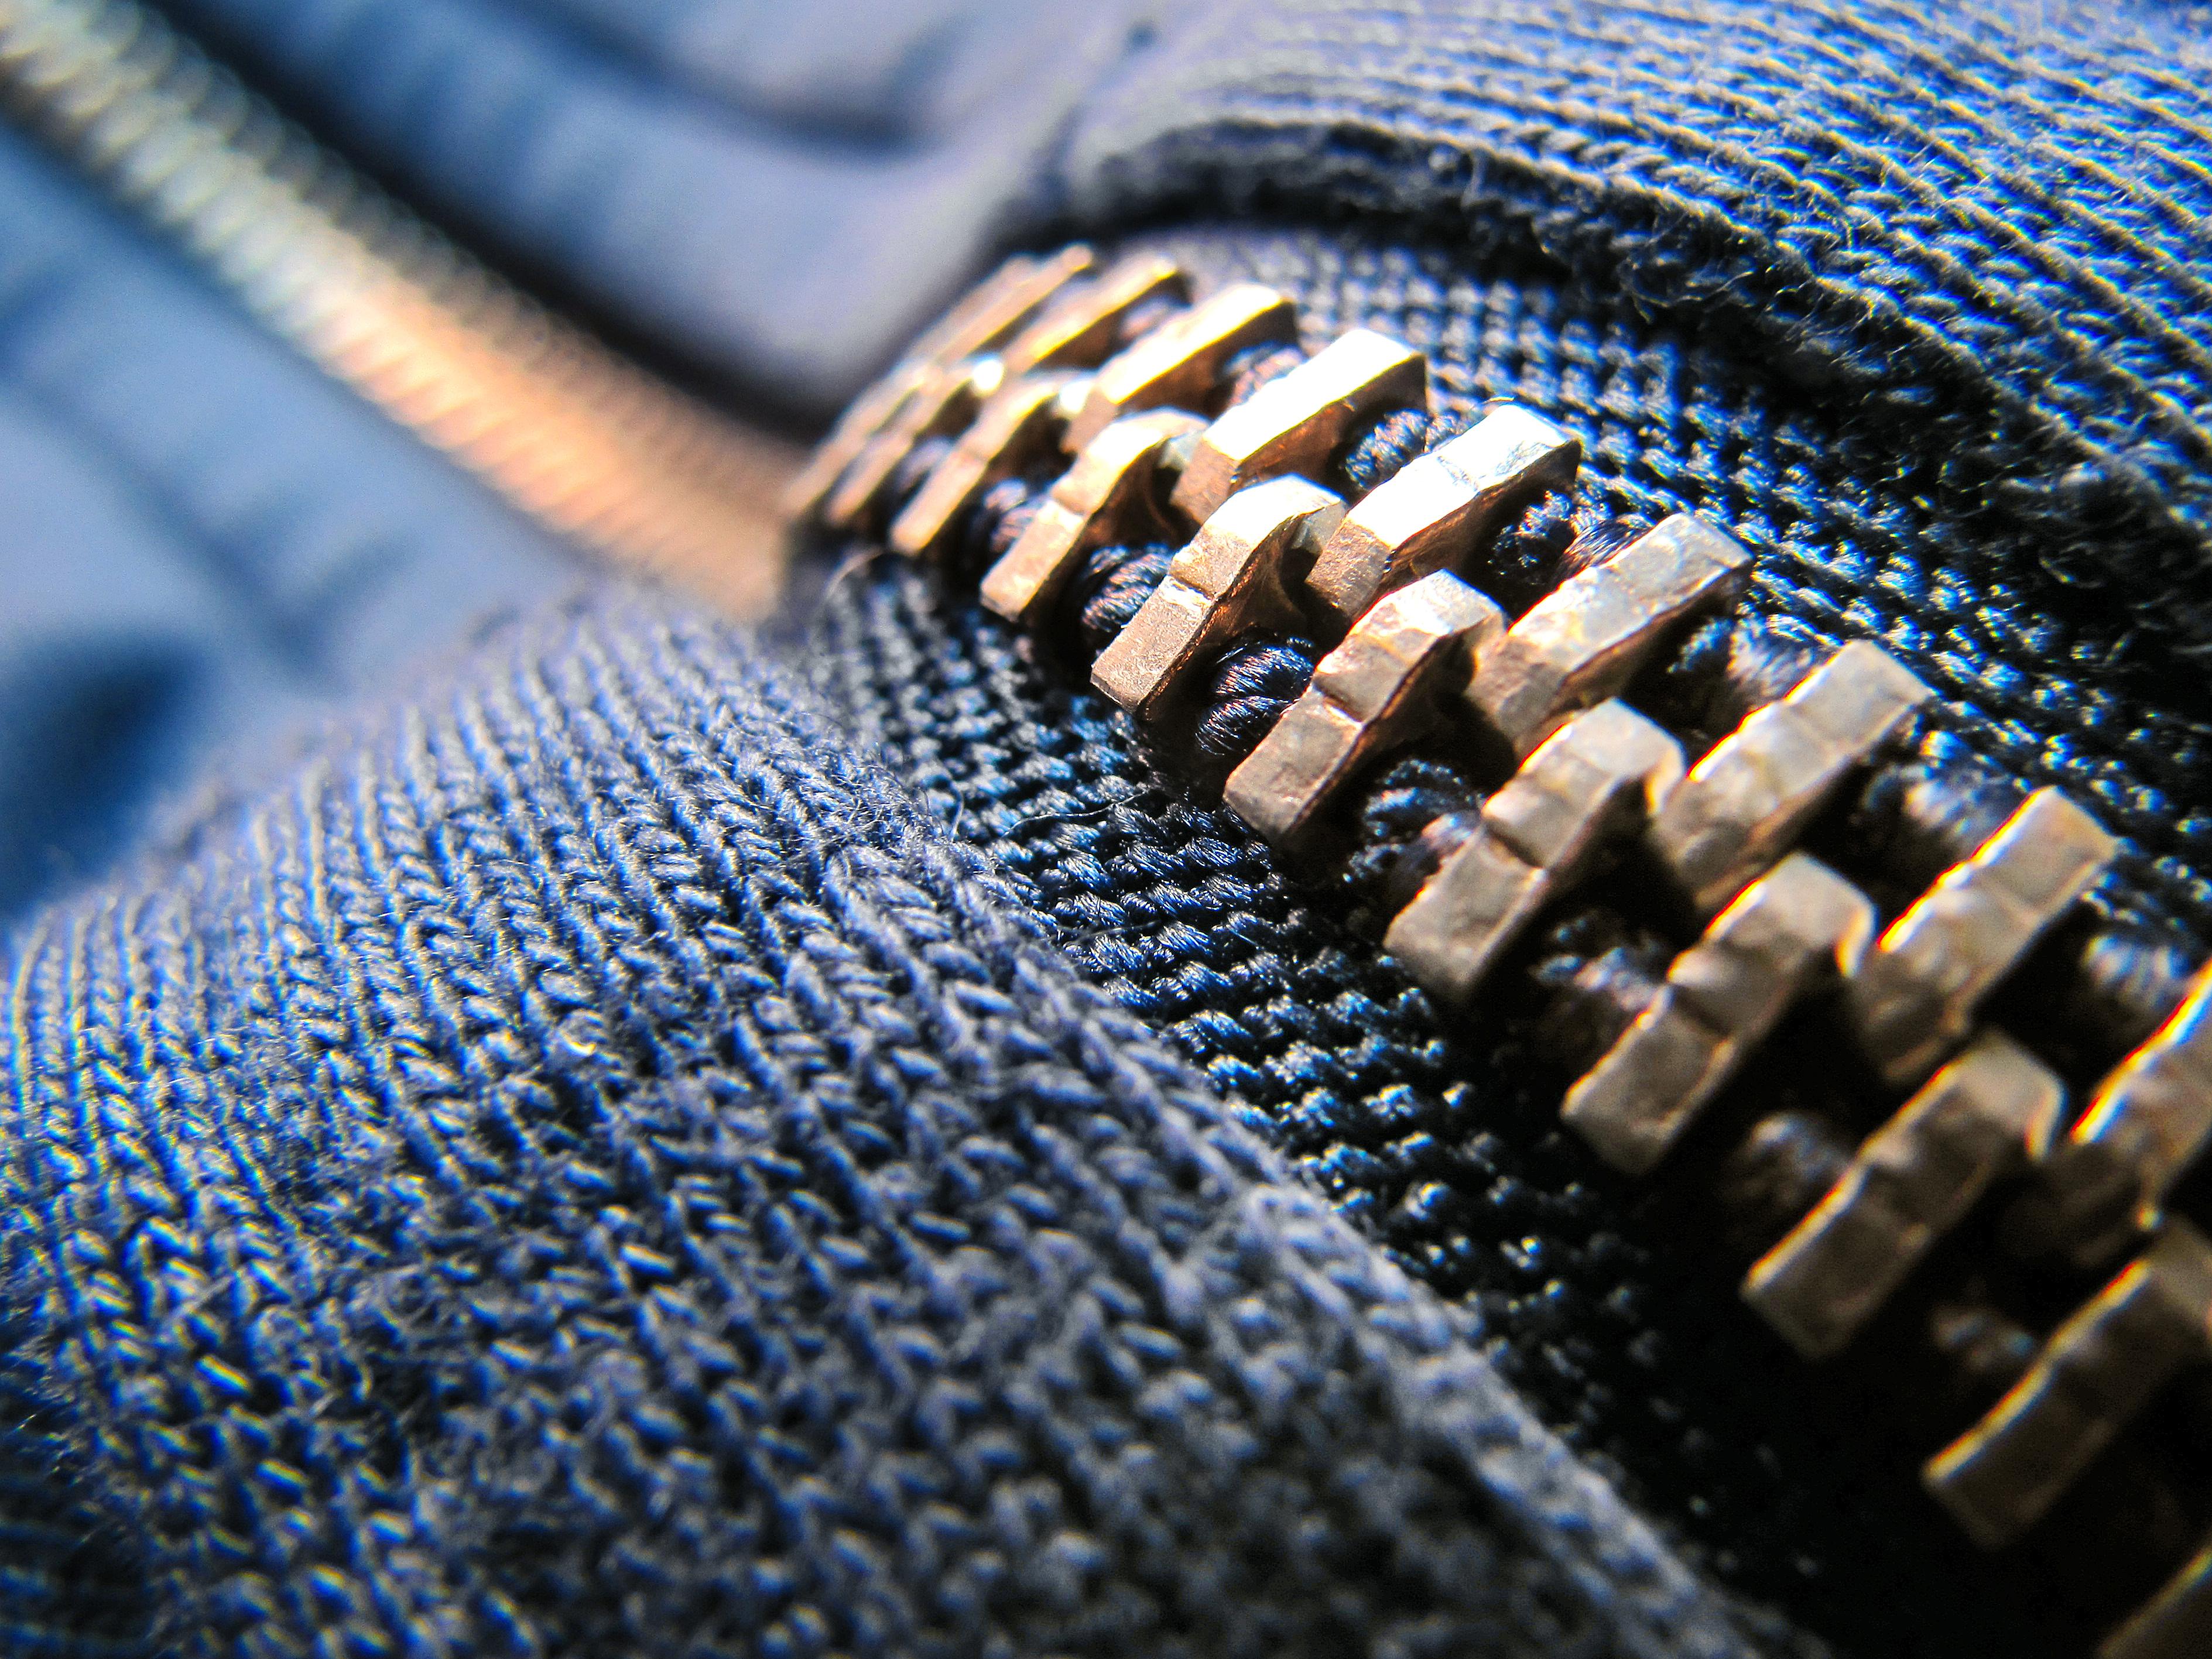 closeup, yellow, blue, jacket, pattern